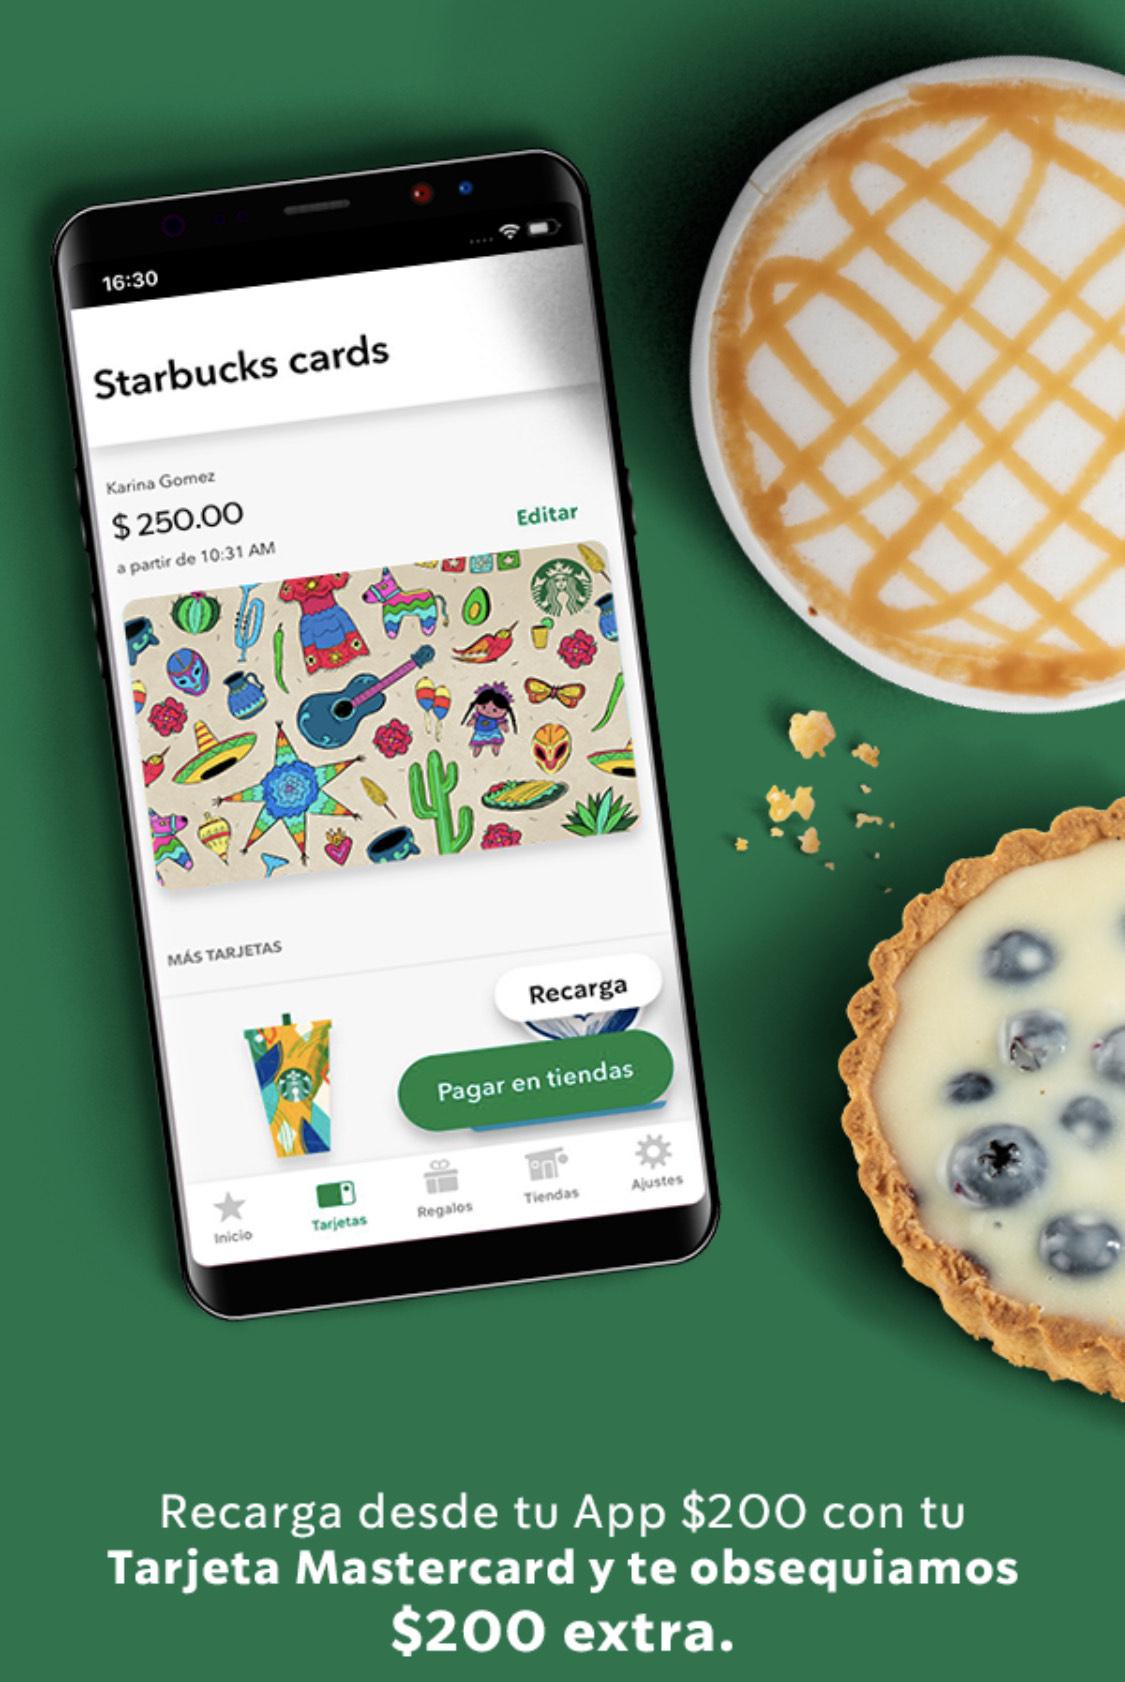 Starbucks: $200 al recargar $200 con Mastercard el jueves